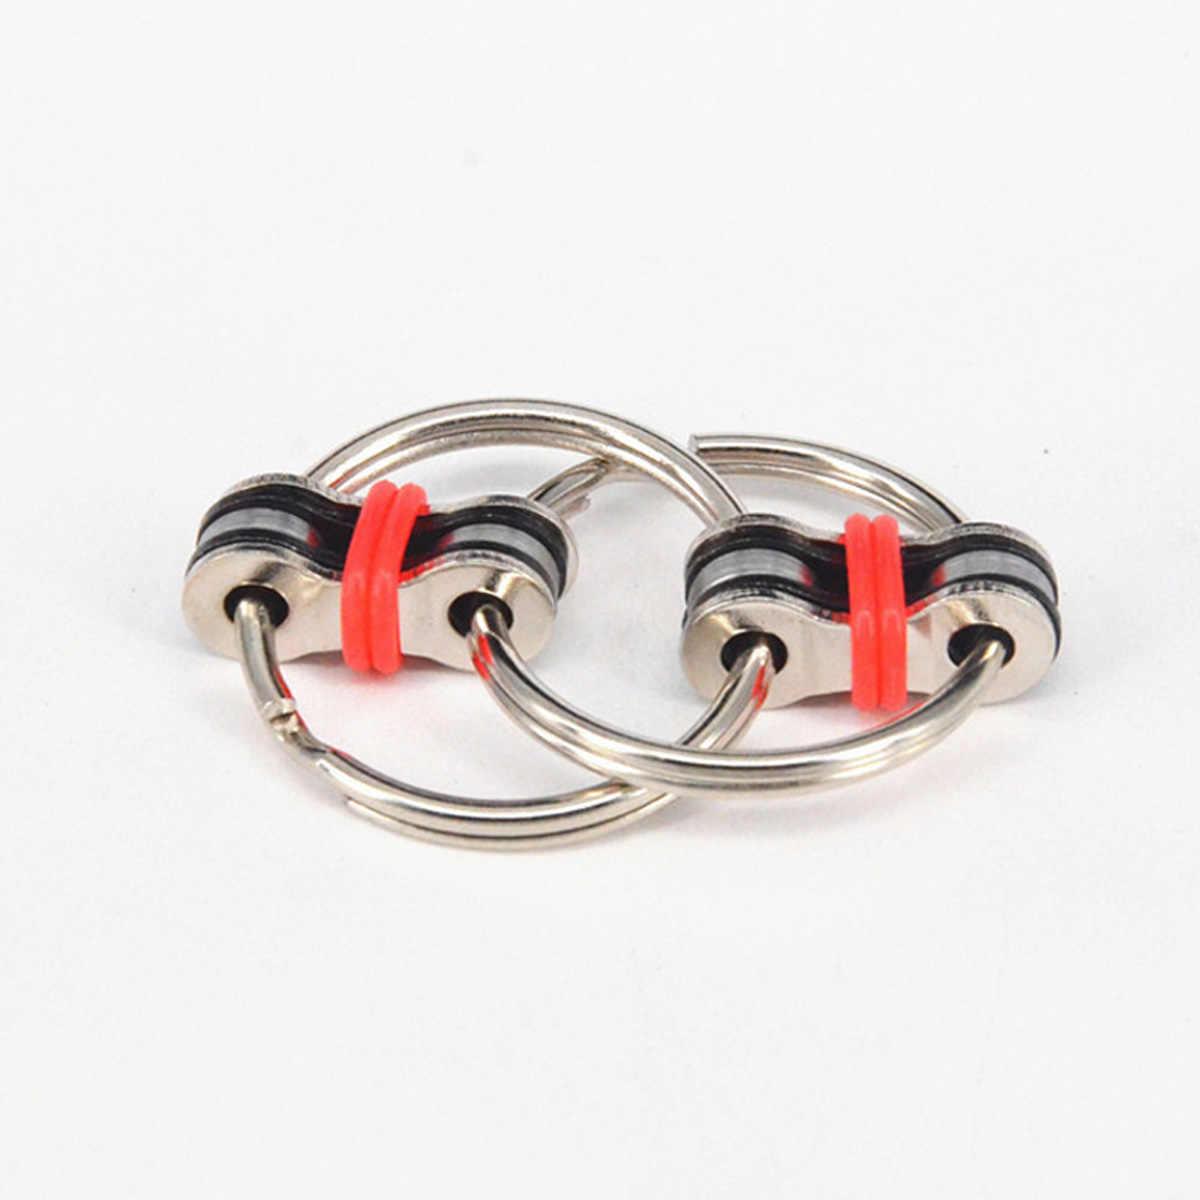 Новый брелок ручной Спиннер Tri-Spinner уменьшить стресс EDC игрушка при аутизме антистрессовые игрушки для антистресс для взрослых кончик пальца